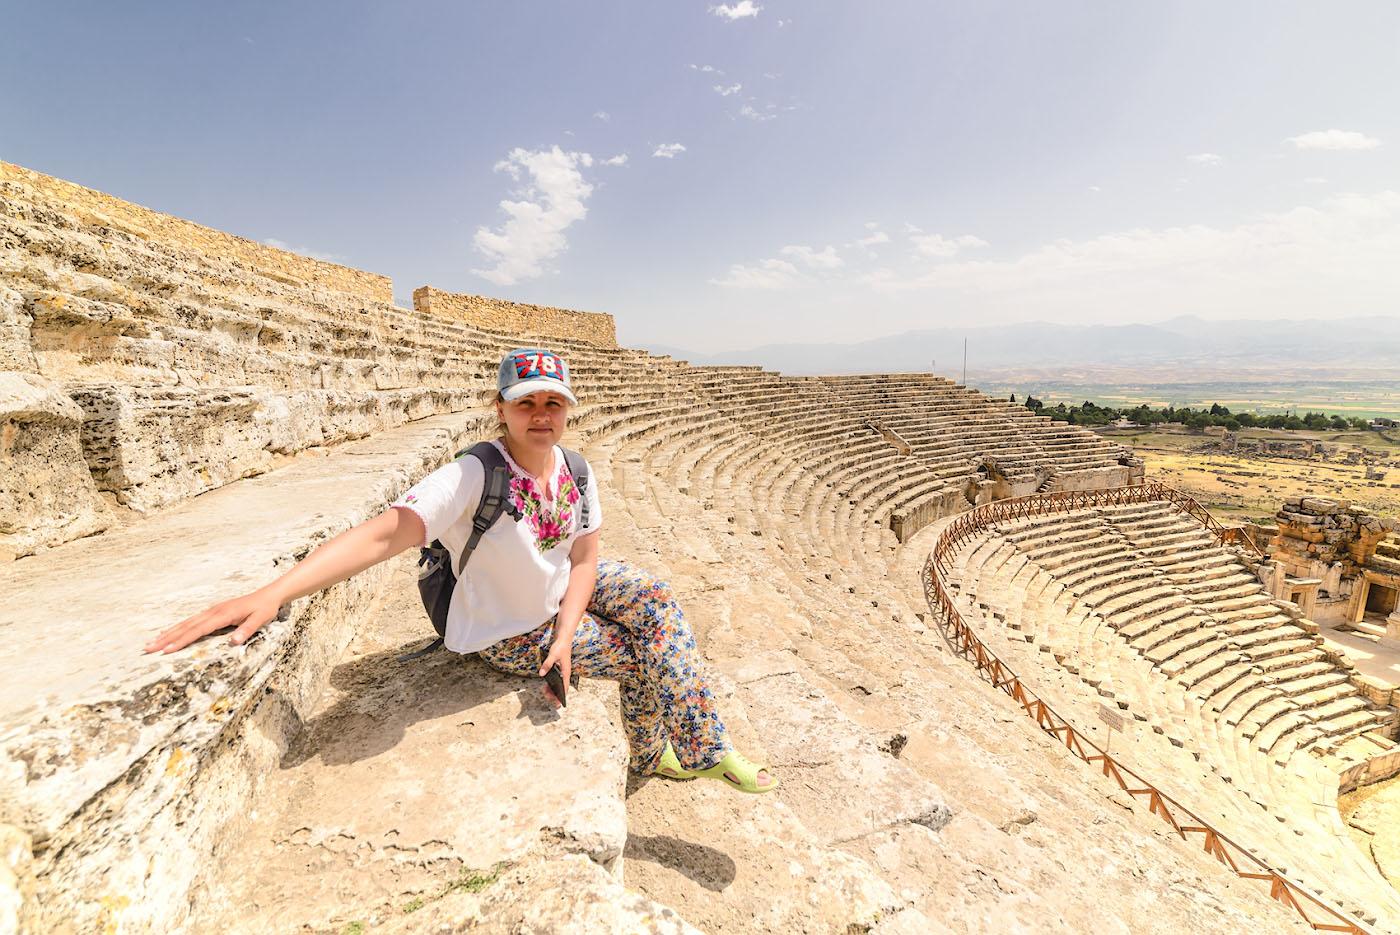 Фотография 18. Экскурсия в амфитеатр, построенный во II-III веках, реконструированный в 1960-2013 годах. 1/320, 8.0, 100, 14.